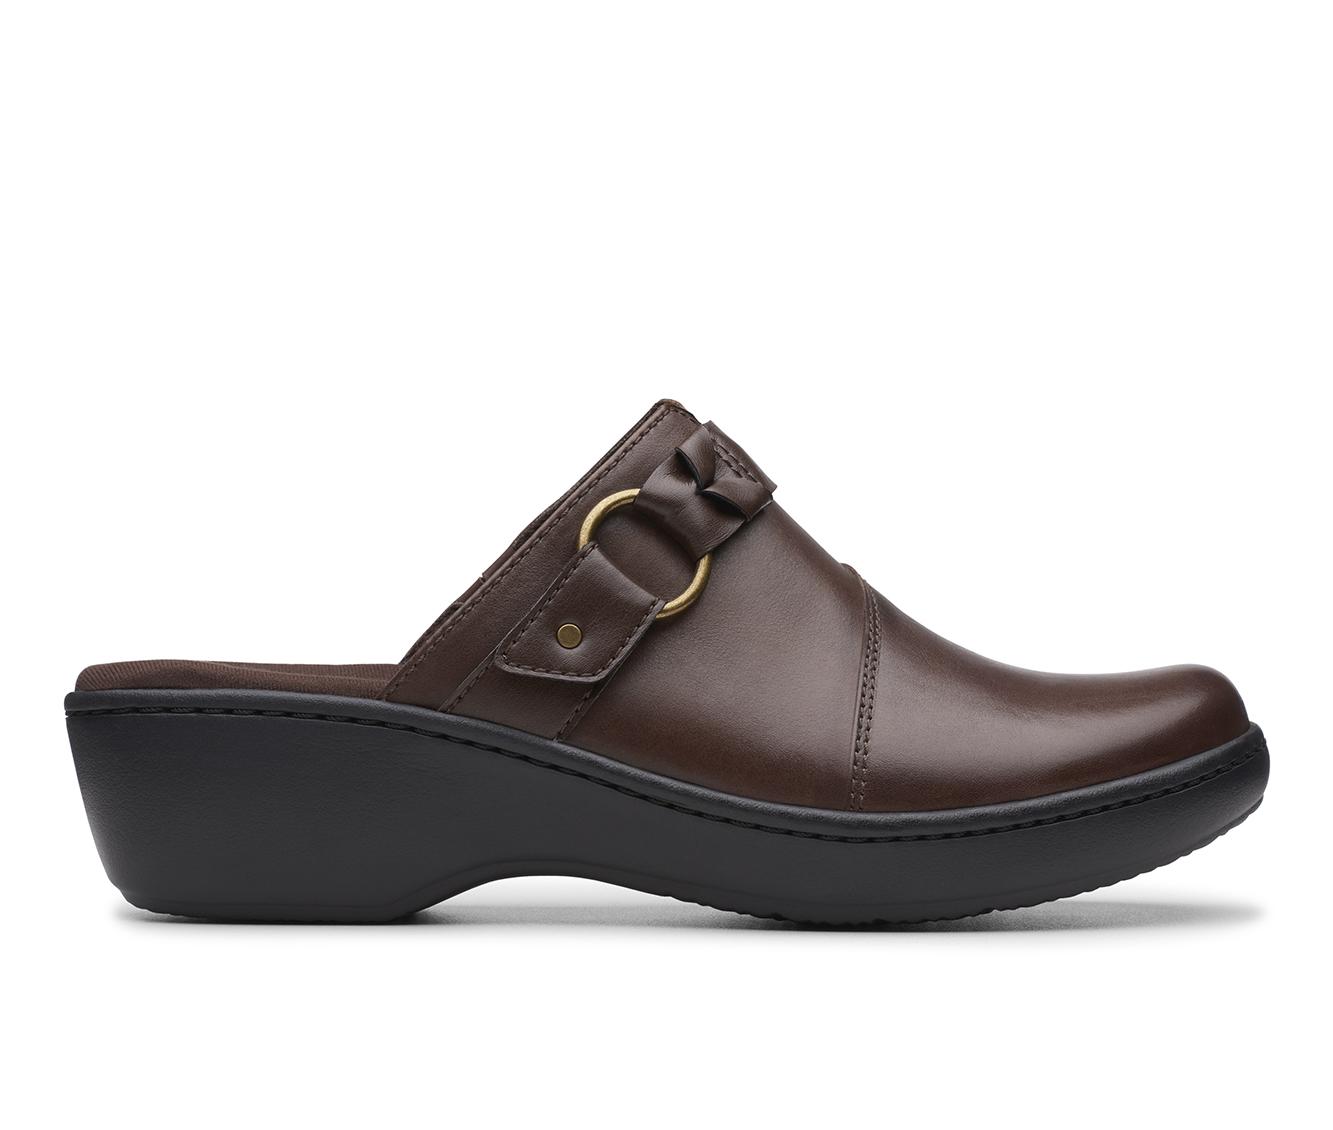 Clarks Delana Misty Women's Shoe (Brown Leather)